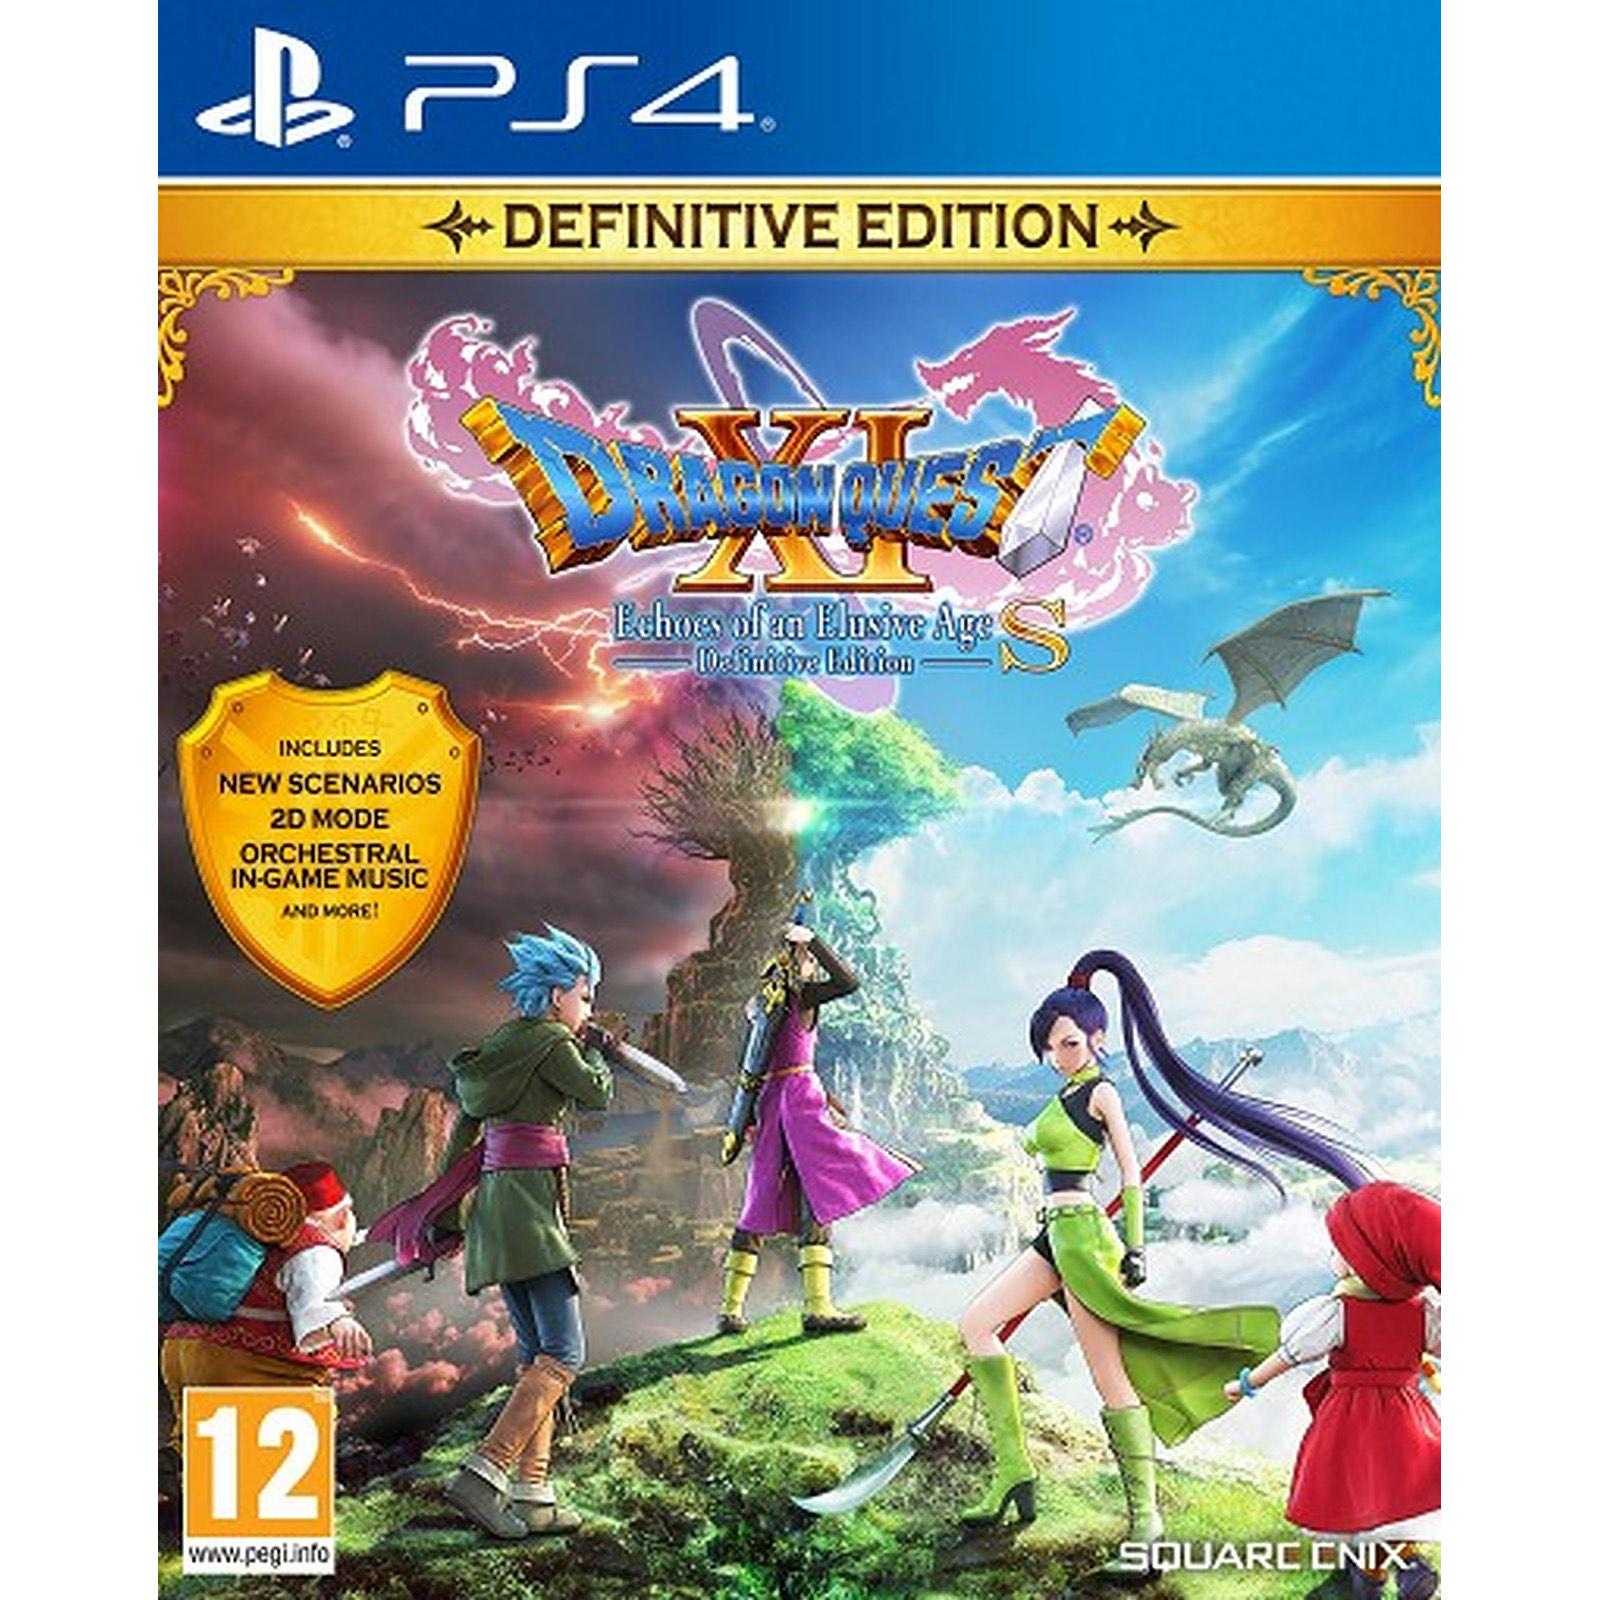 Dragon Quest XI S - Definitive Edition sur PS4 (Frais de port et d'importation inclus)